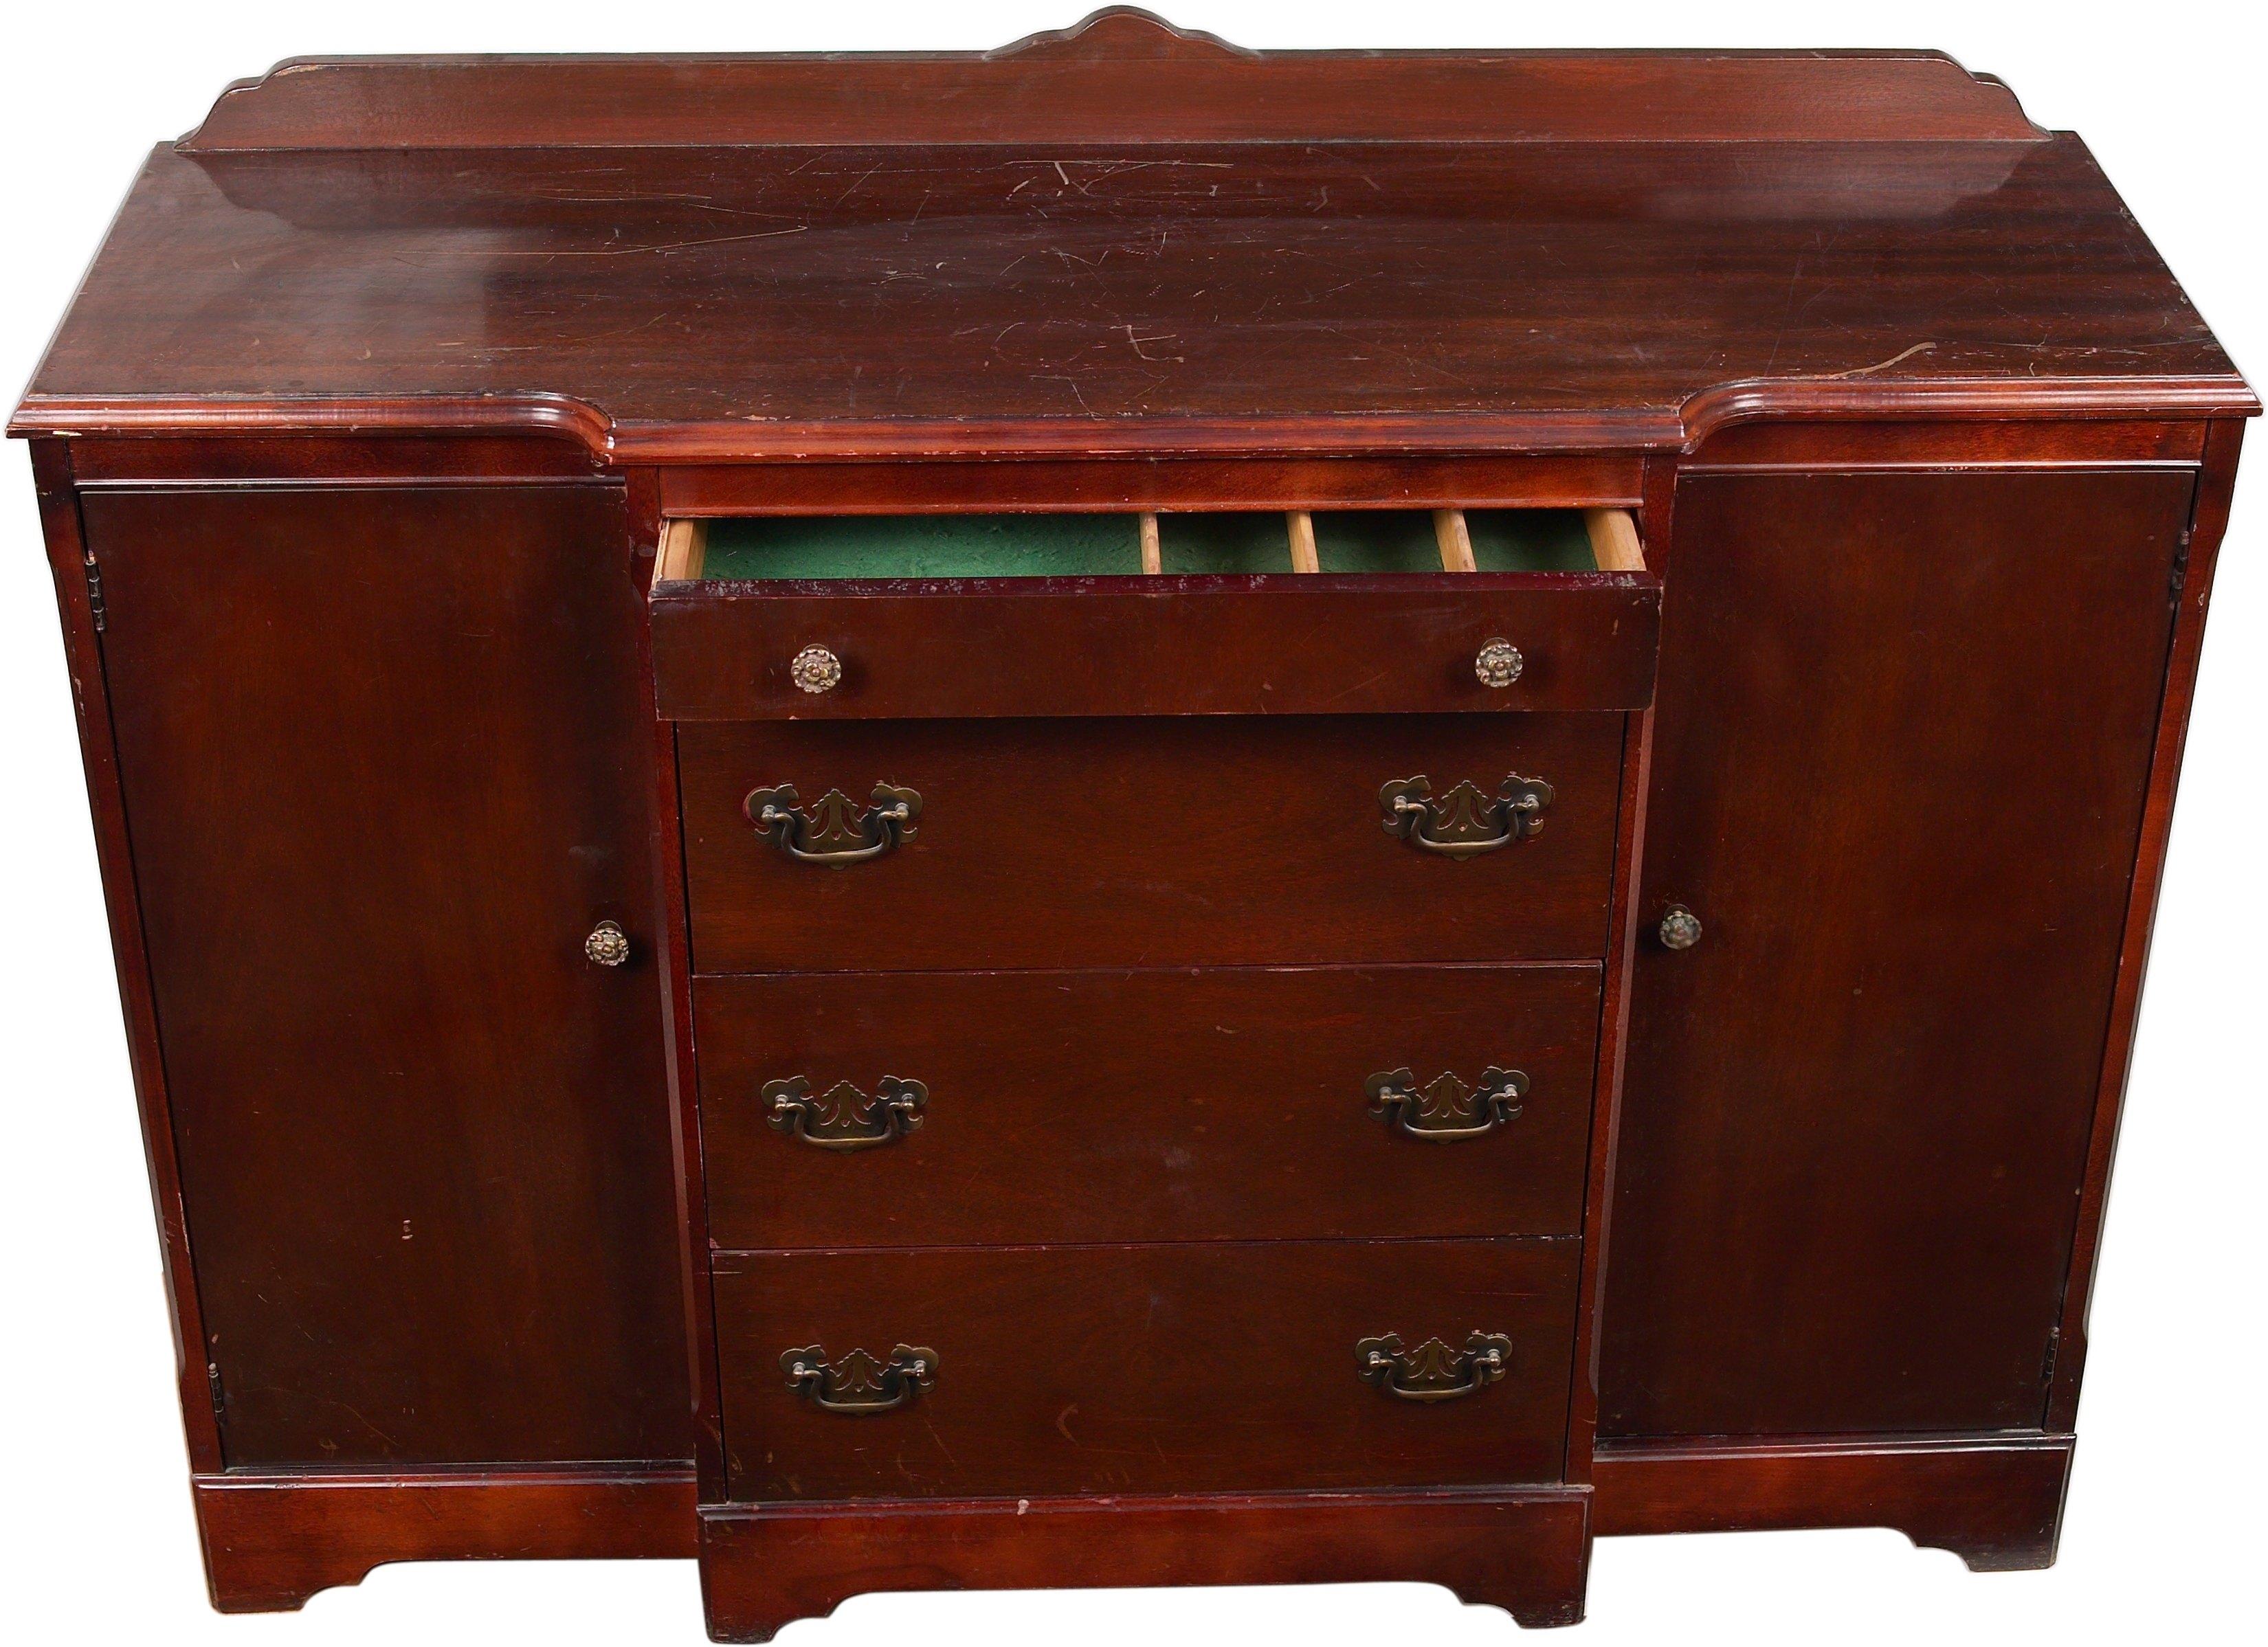 Repairing Raised Damage To Wood Furniture Ehow